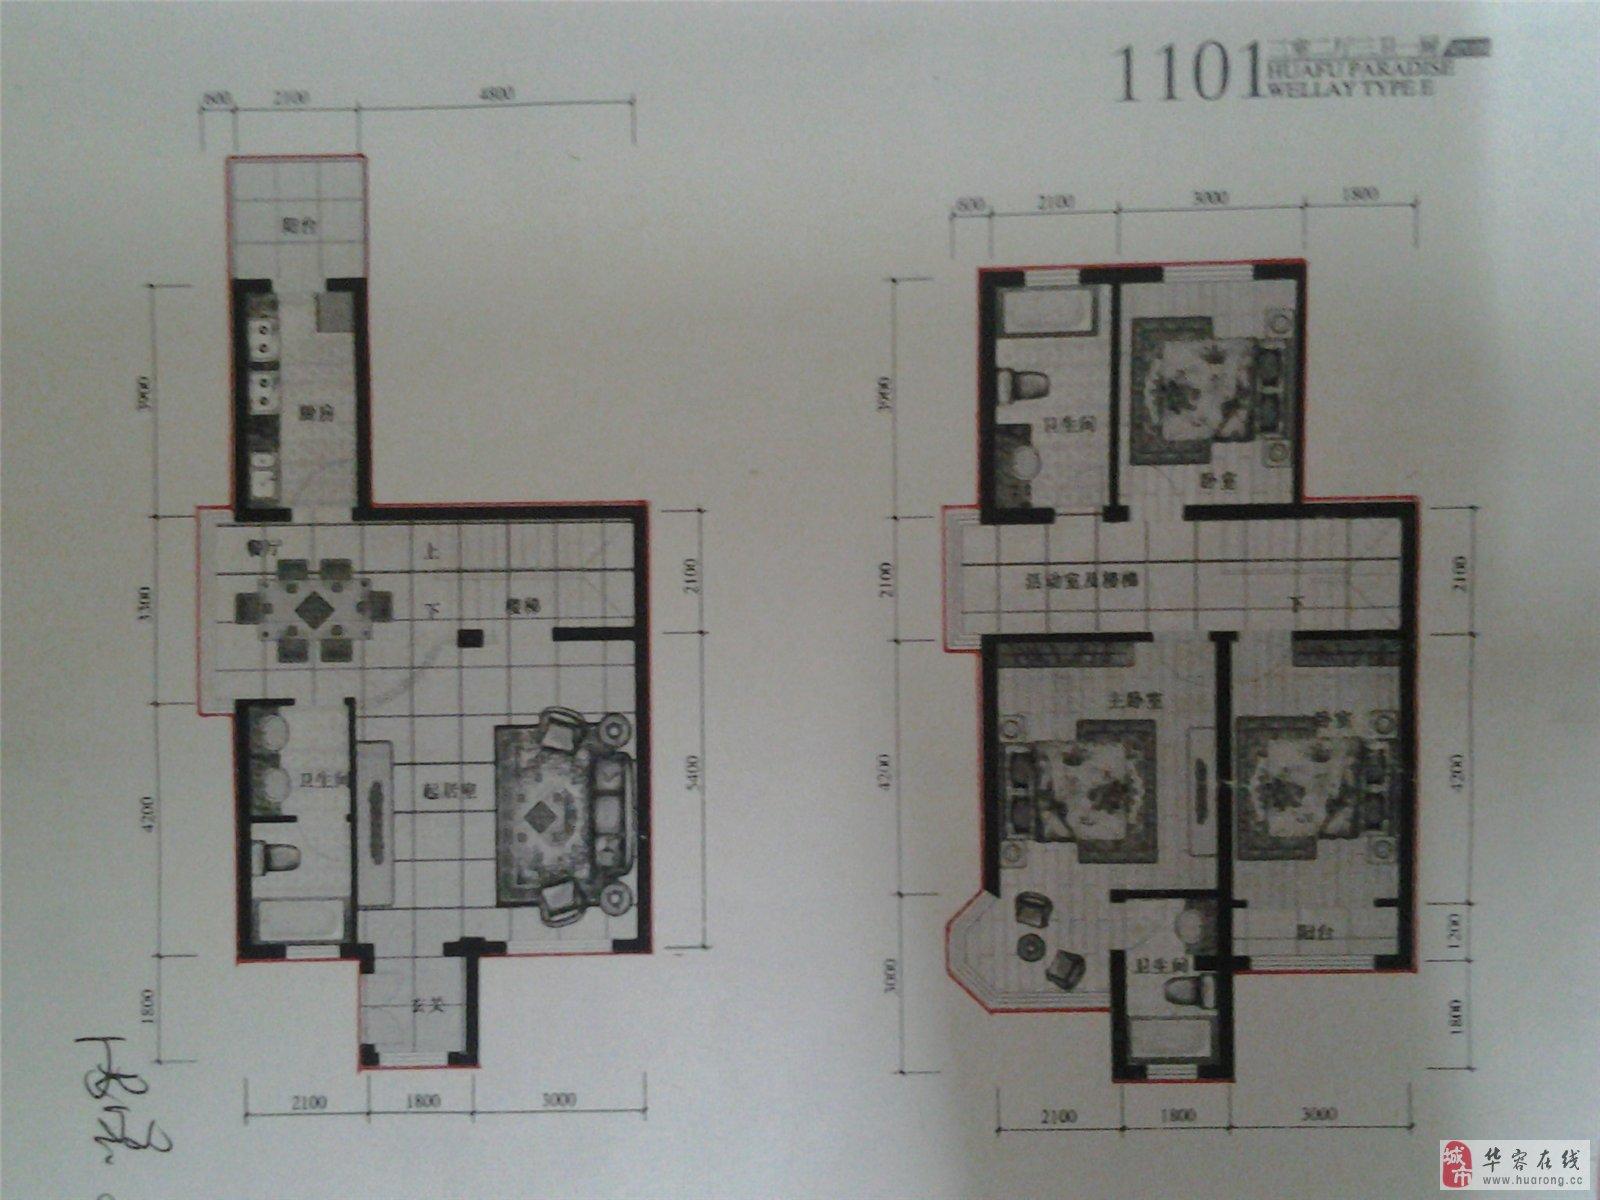 三层复式楼平面设计图展示图片